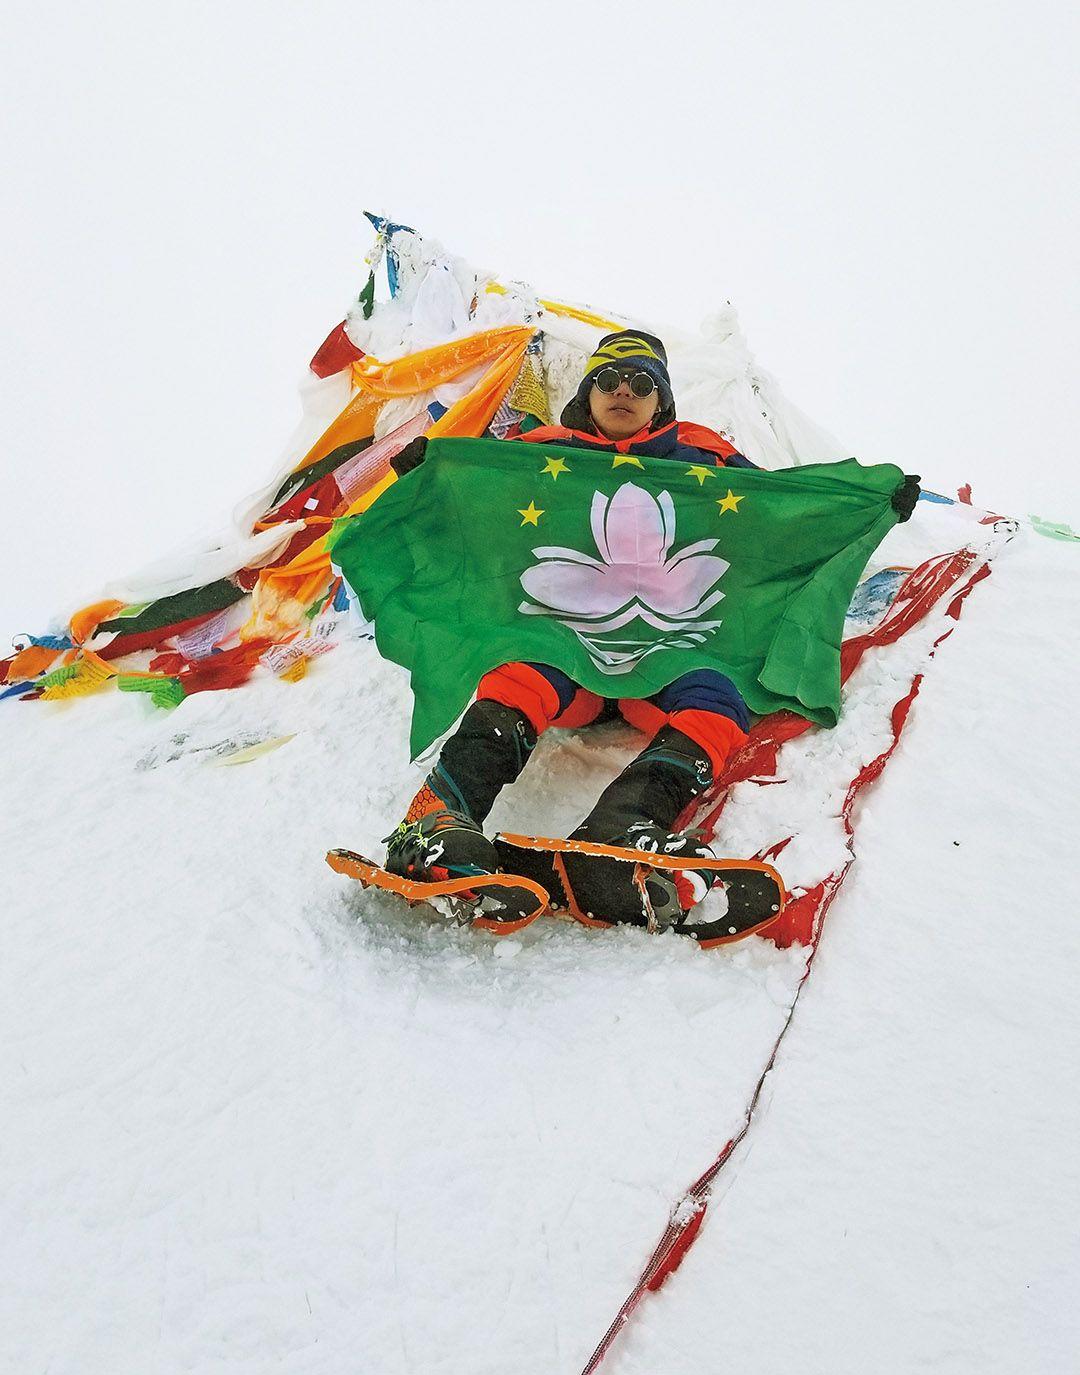 7,546米峰頂 對牛腩飯的思念